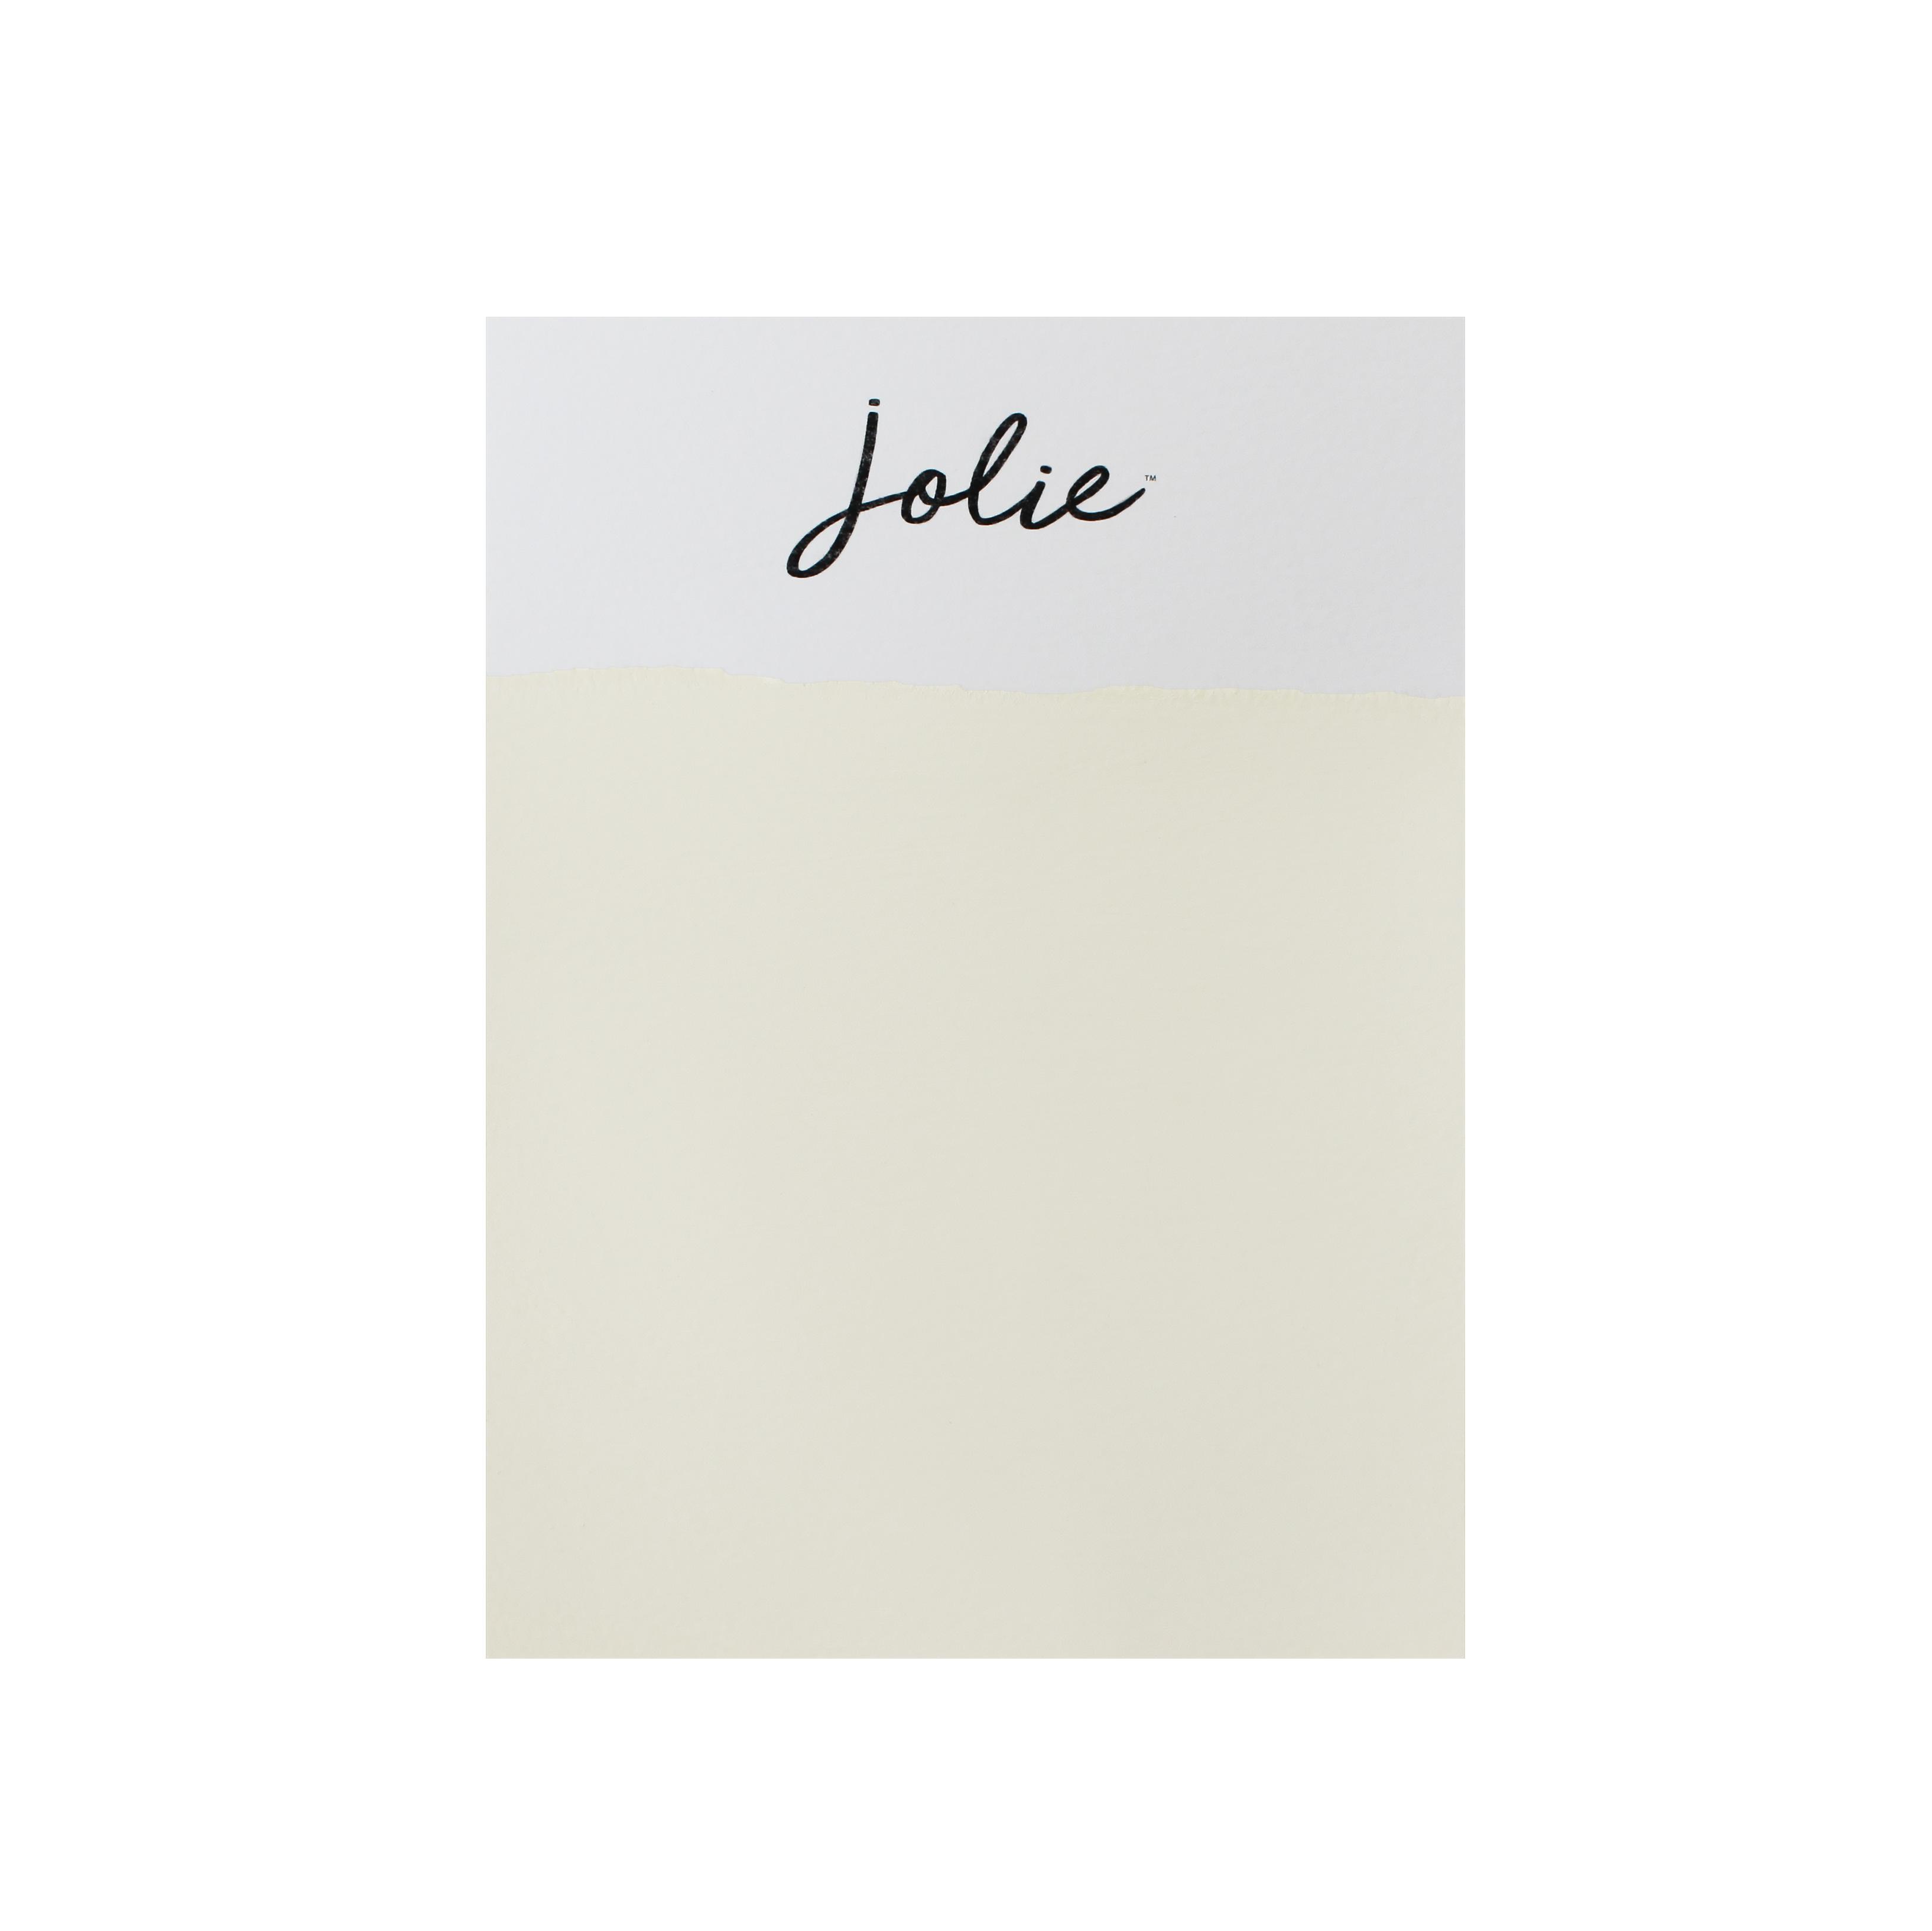 Antique White - Jolie Paint